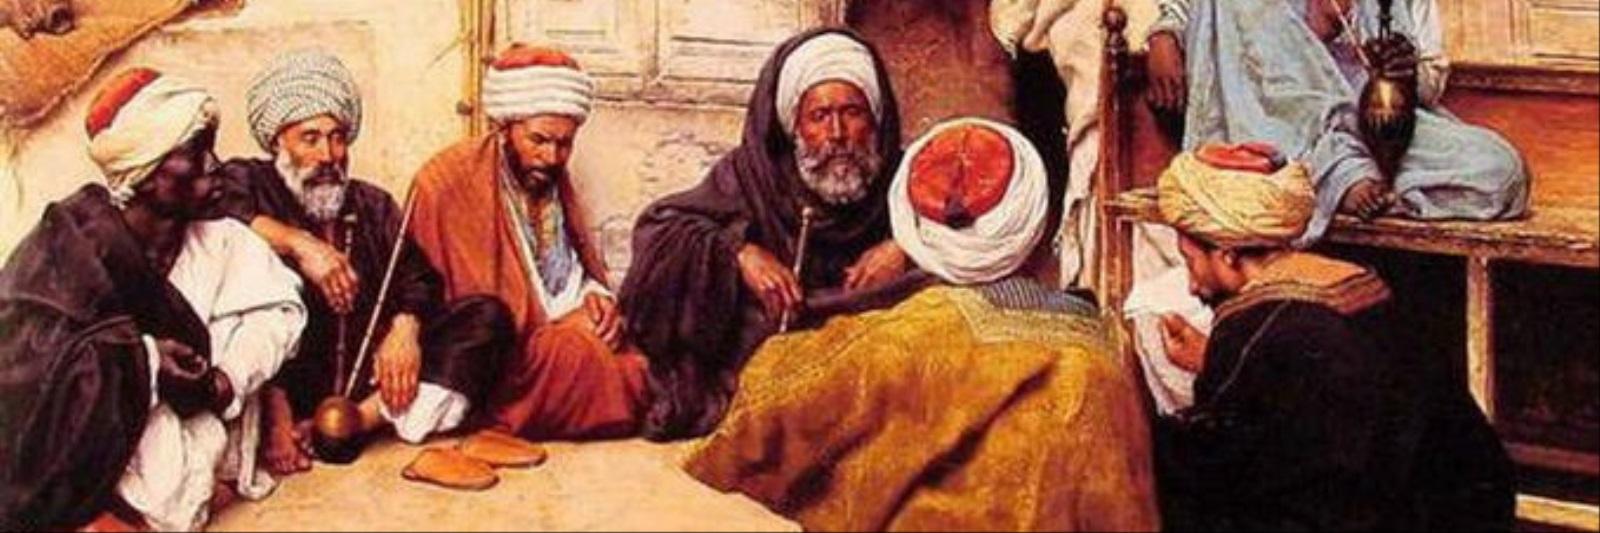 hiwar bahasa arab peradaban islam